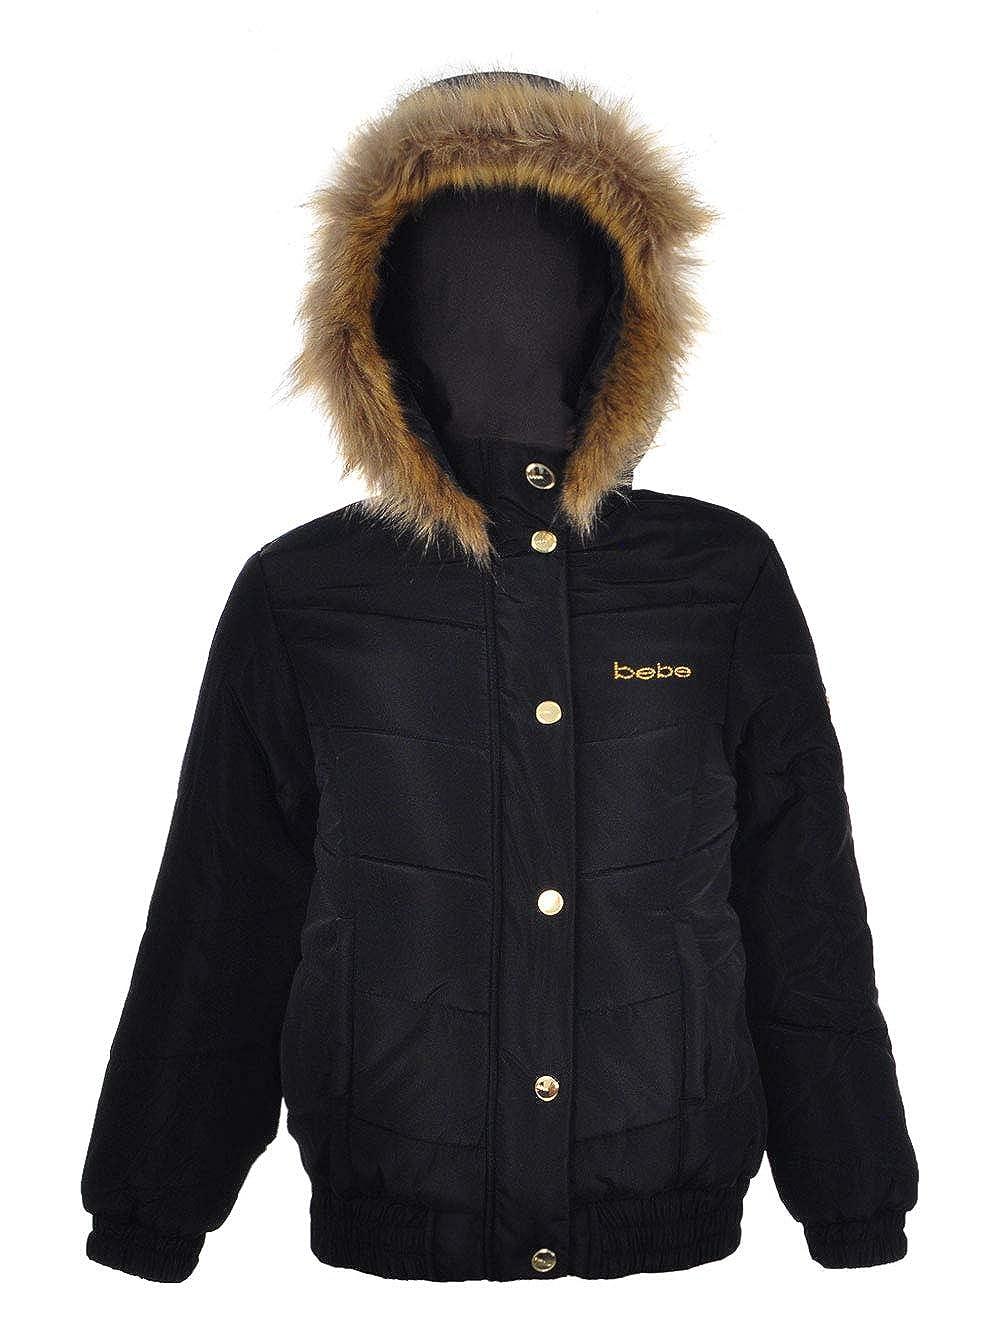 bebe Girls' Insulated Jacket 10-12